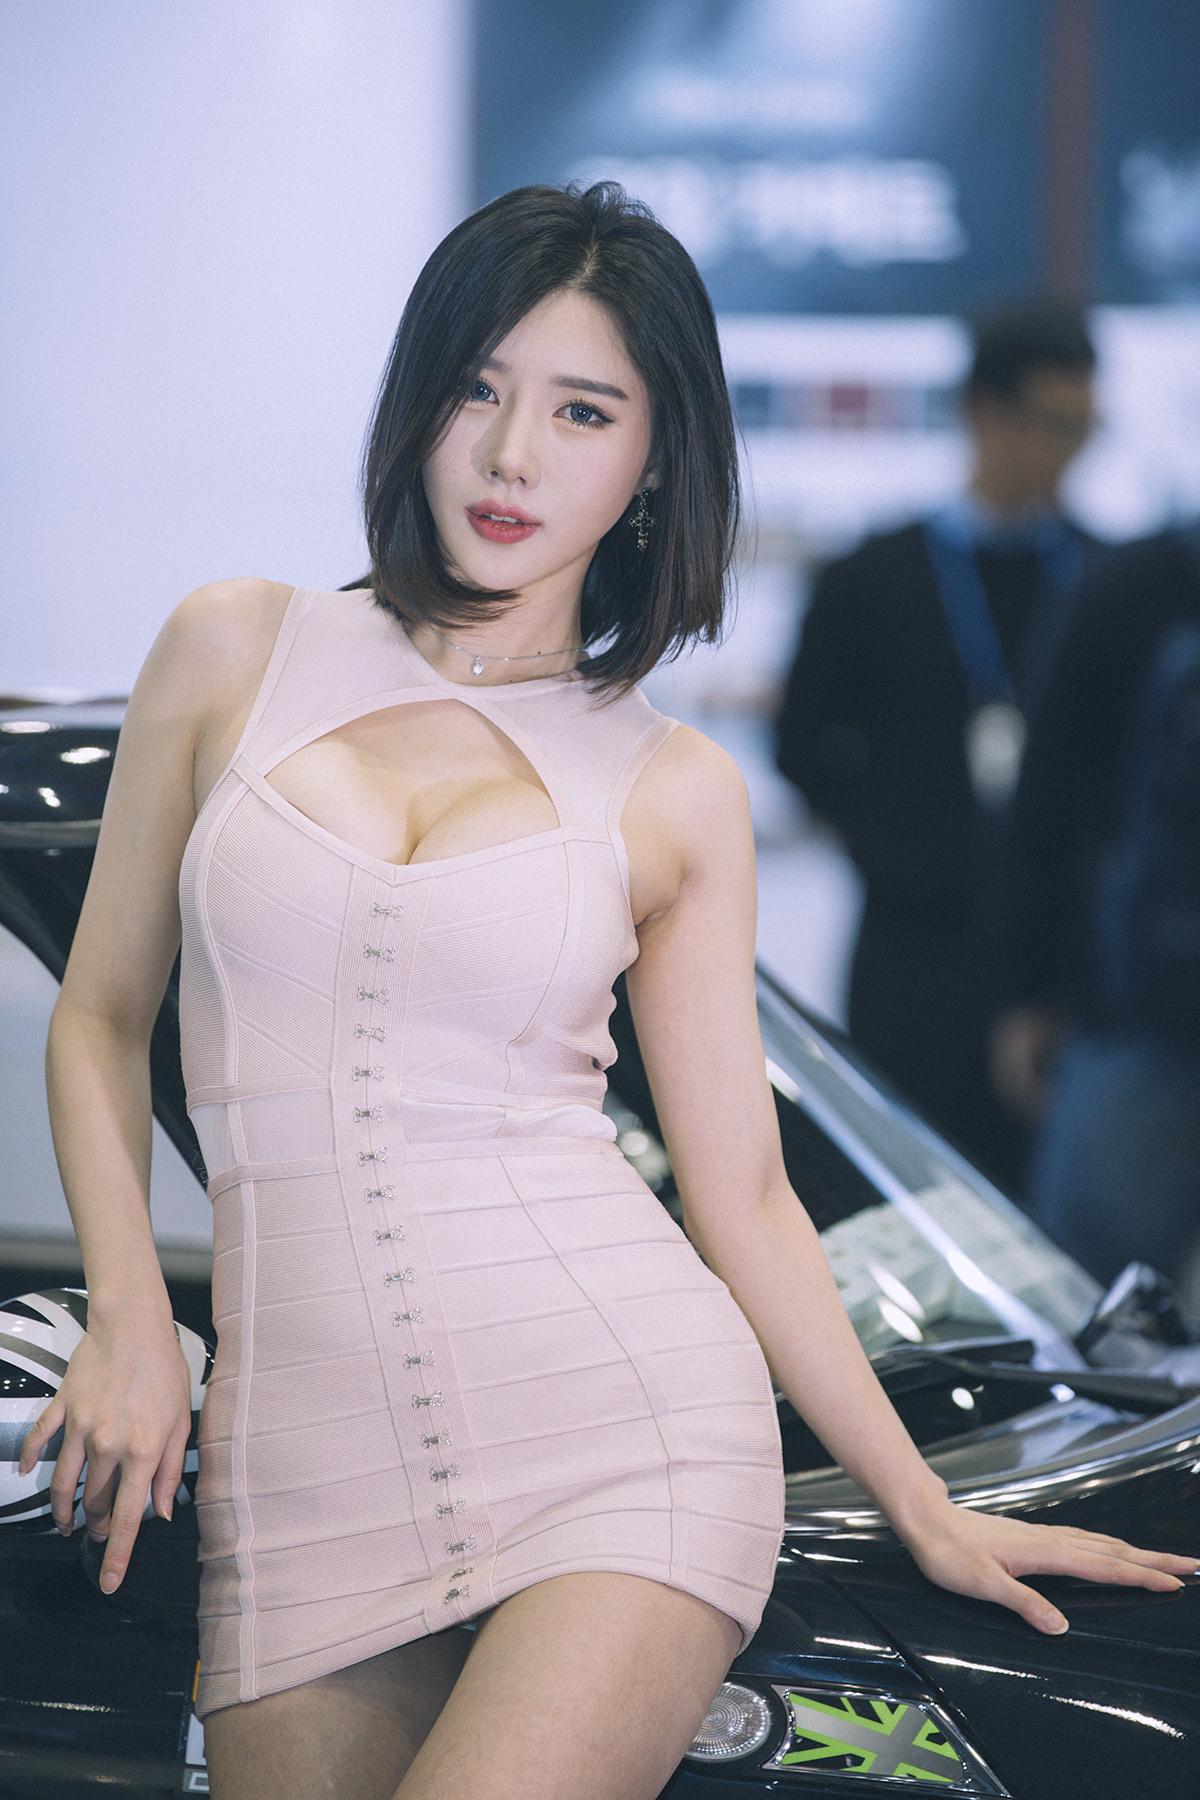 性感美女美女宋姝儿高清图片车模第二弹烤整个车展图片